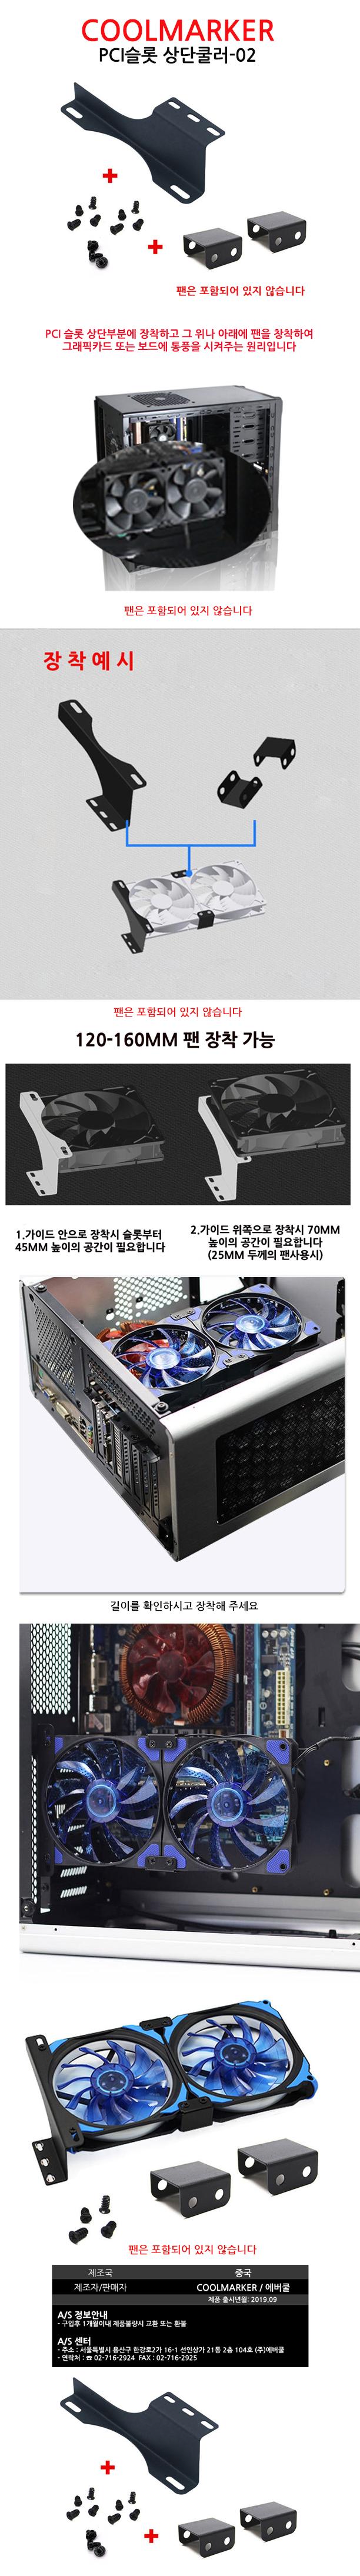 EVERCOOL COOLMARKER PCI BRACKET 02